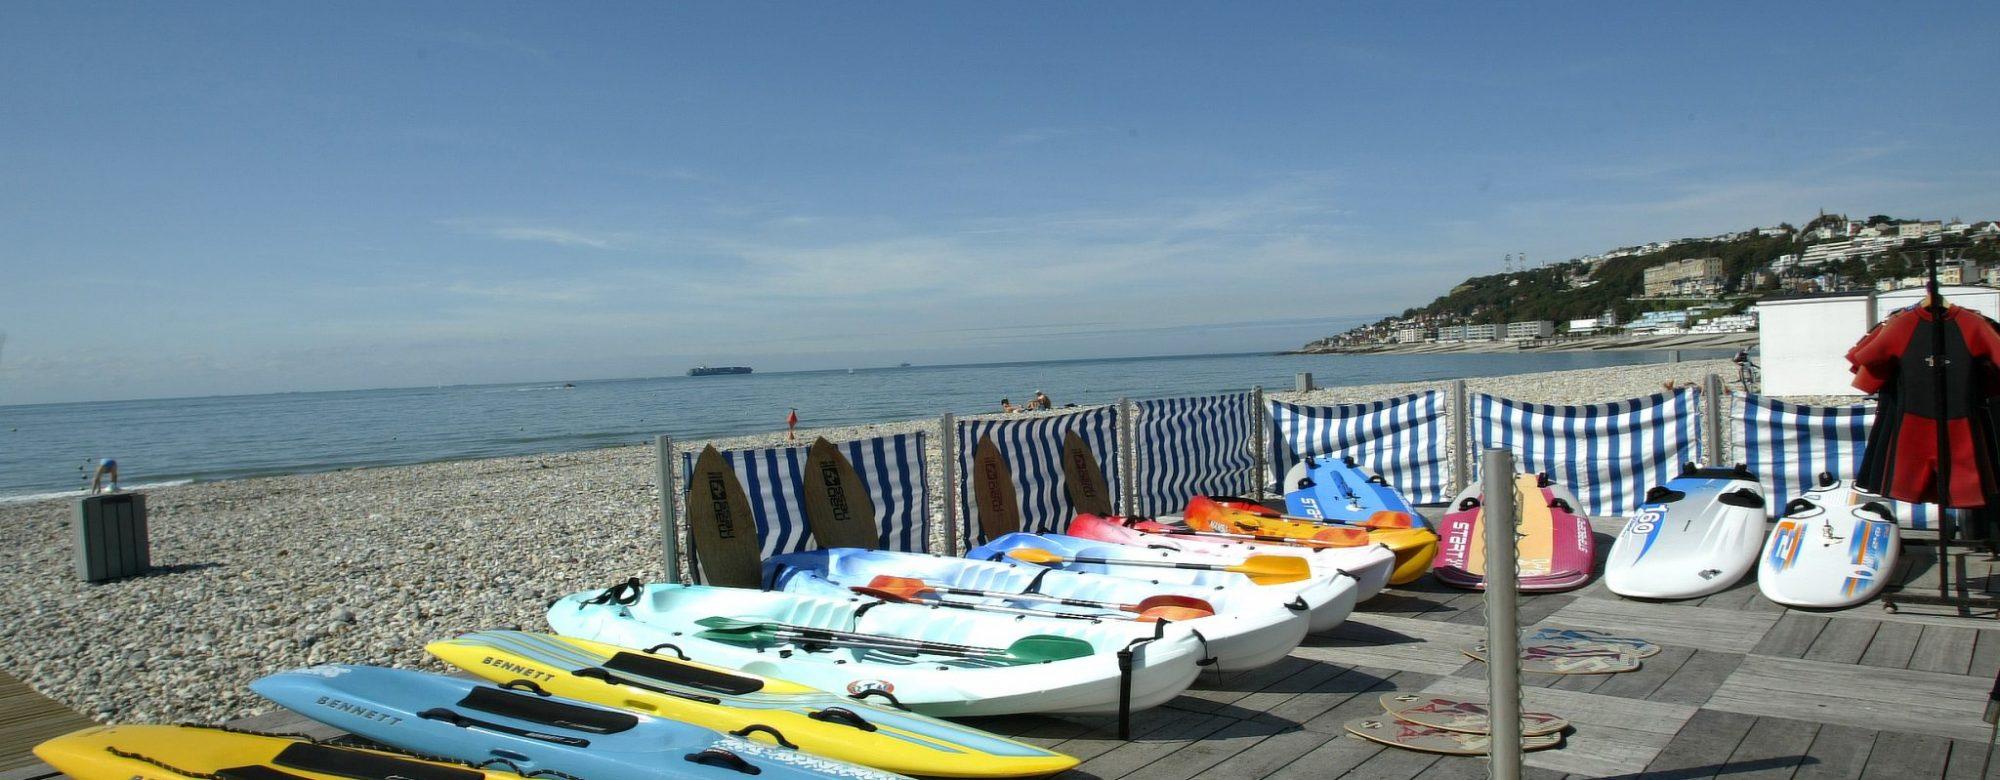 Location de canoë sur la plage du Havre